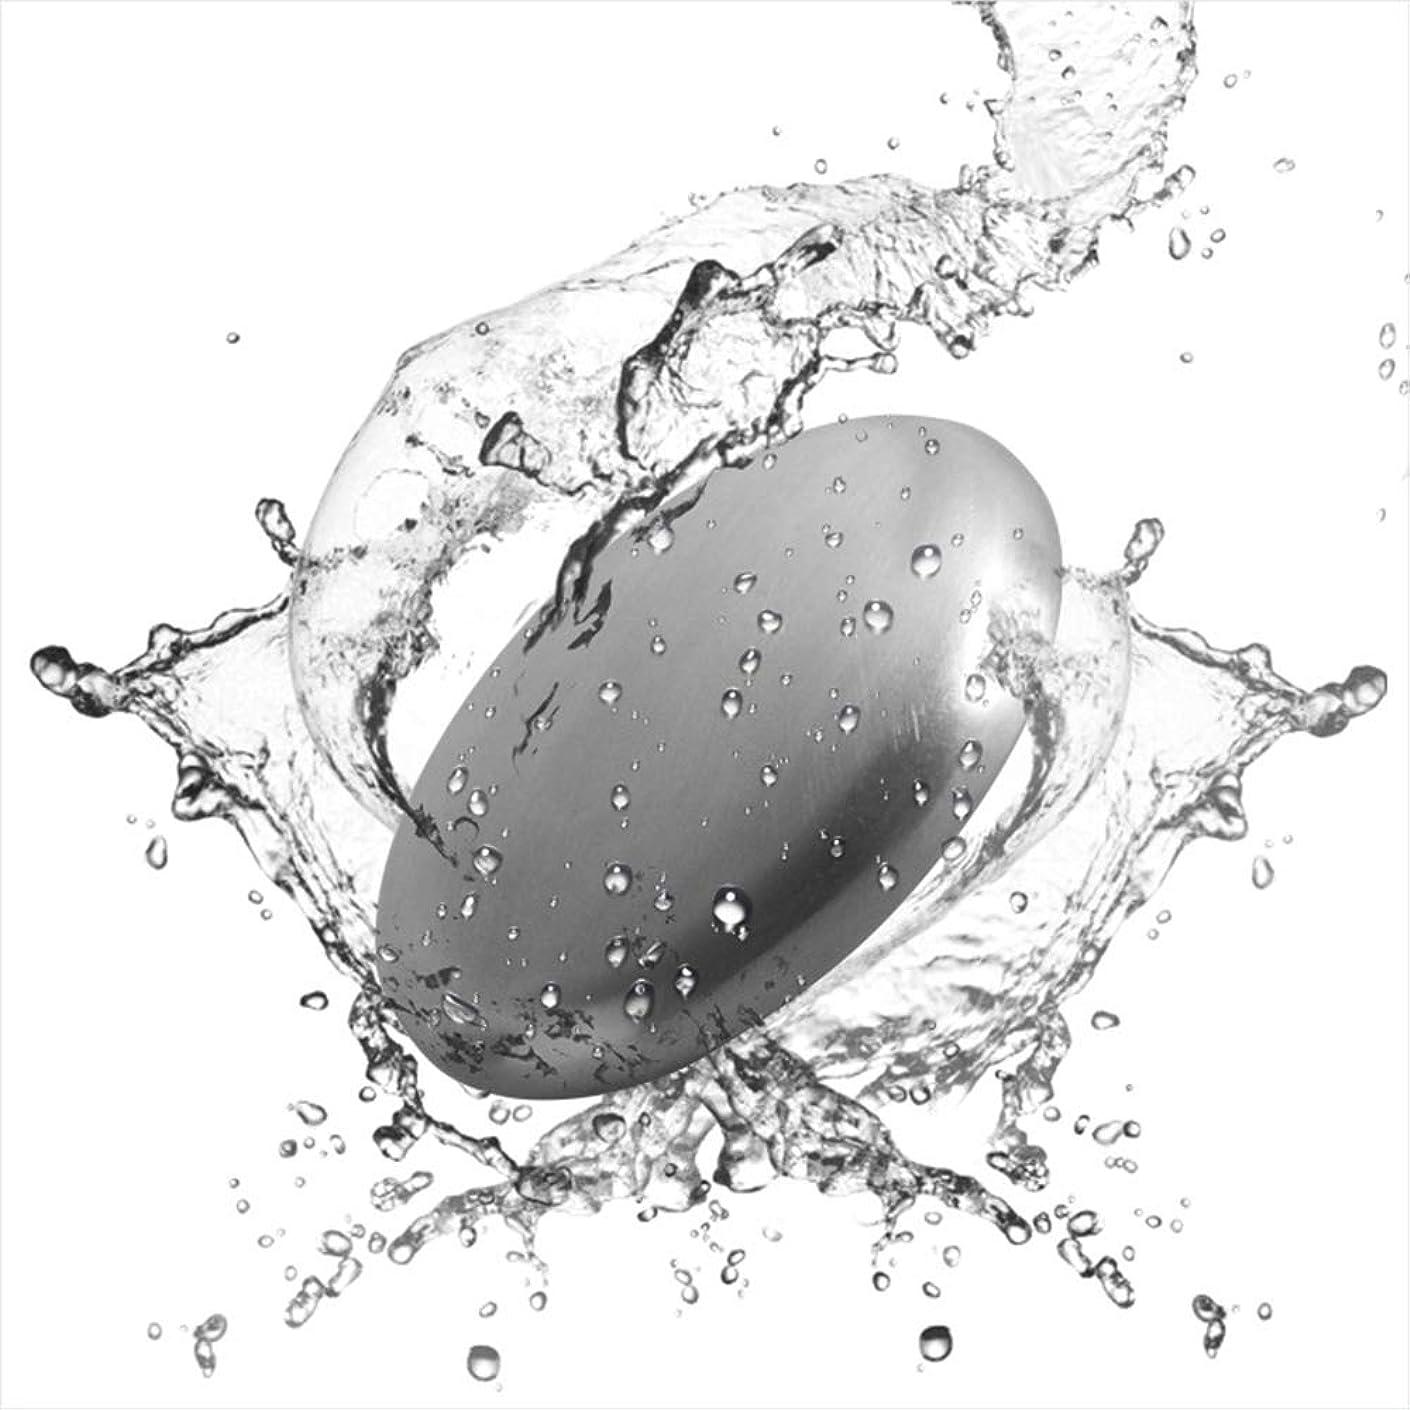 式液体人口Refoiner ステンレス製品 ソープ 実用的な台所用具 石鹸 魚臭 玉ねぎやニンニク 異臭を取り除く 2個